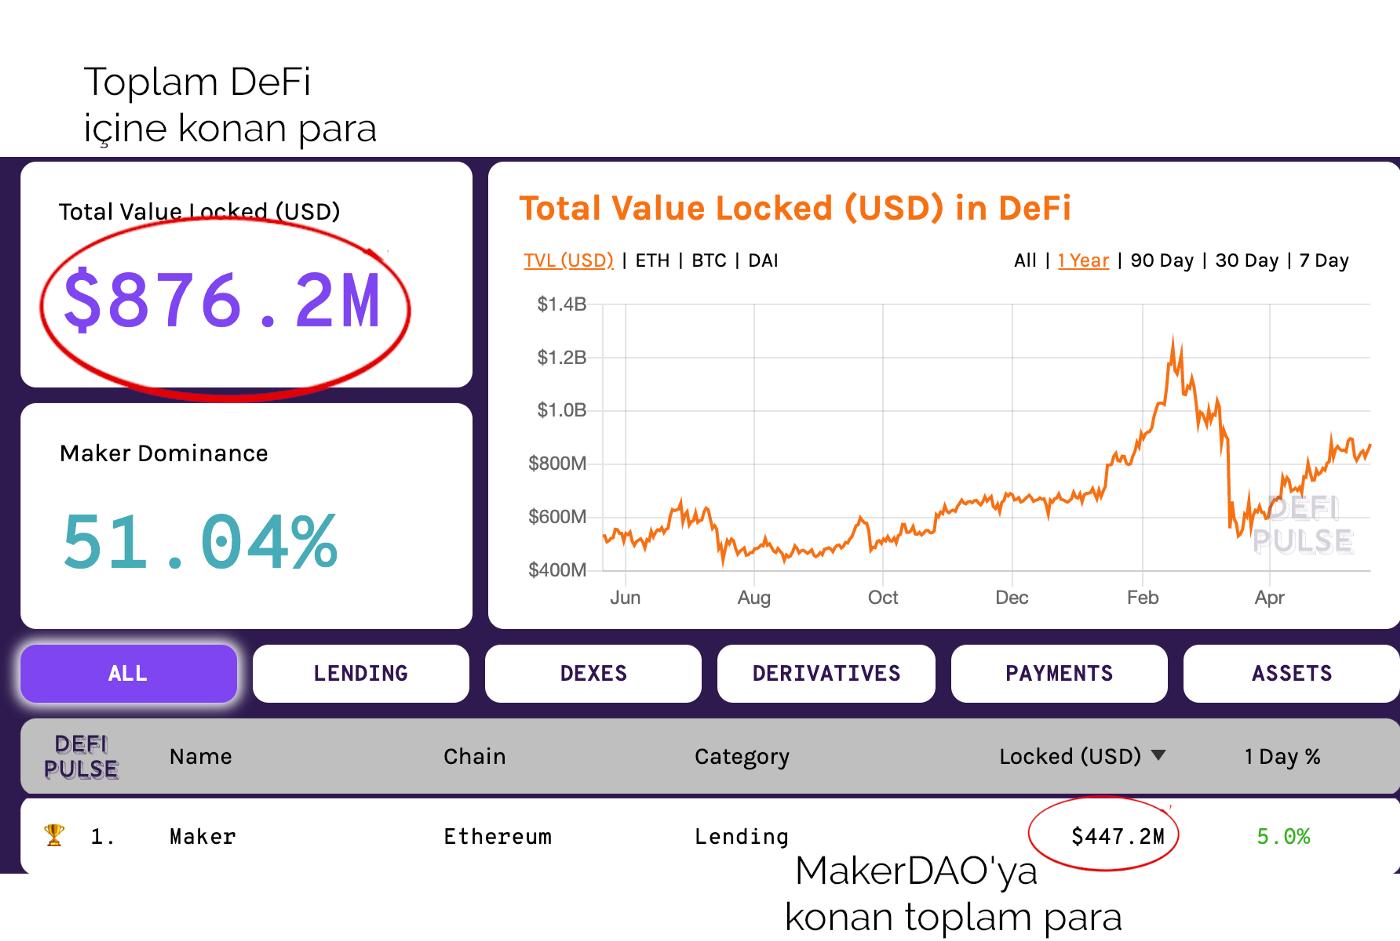 Merkeziyetsiz Finans ve Maker DAO - 1 yılda neler değişti?